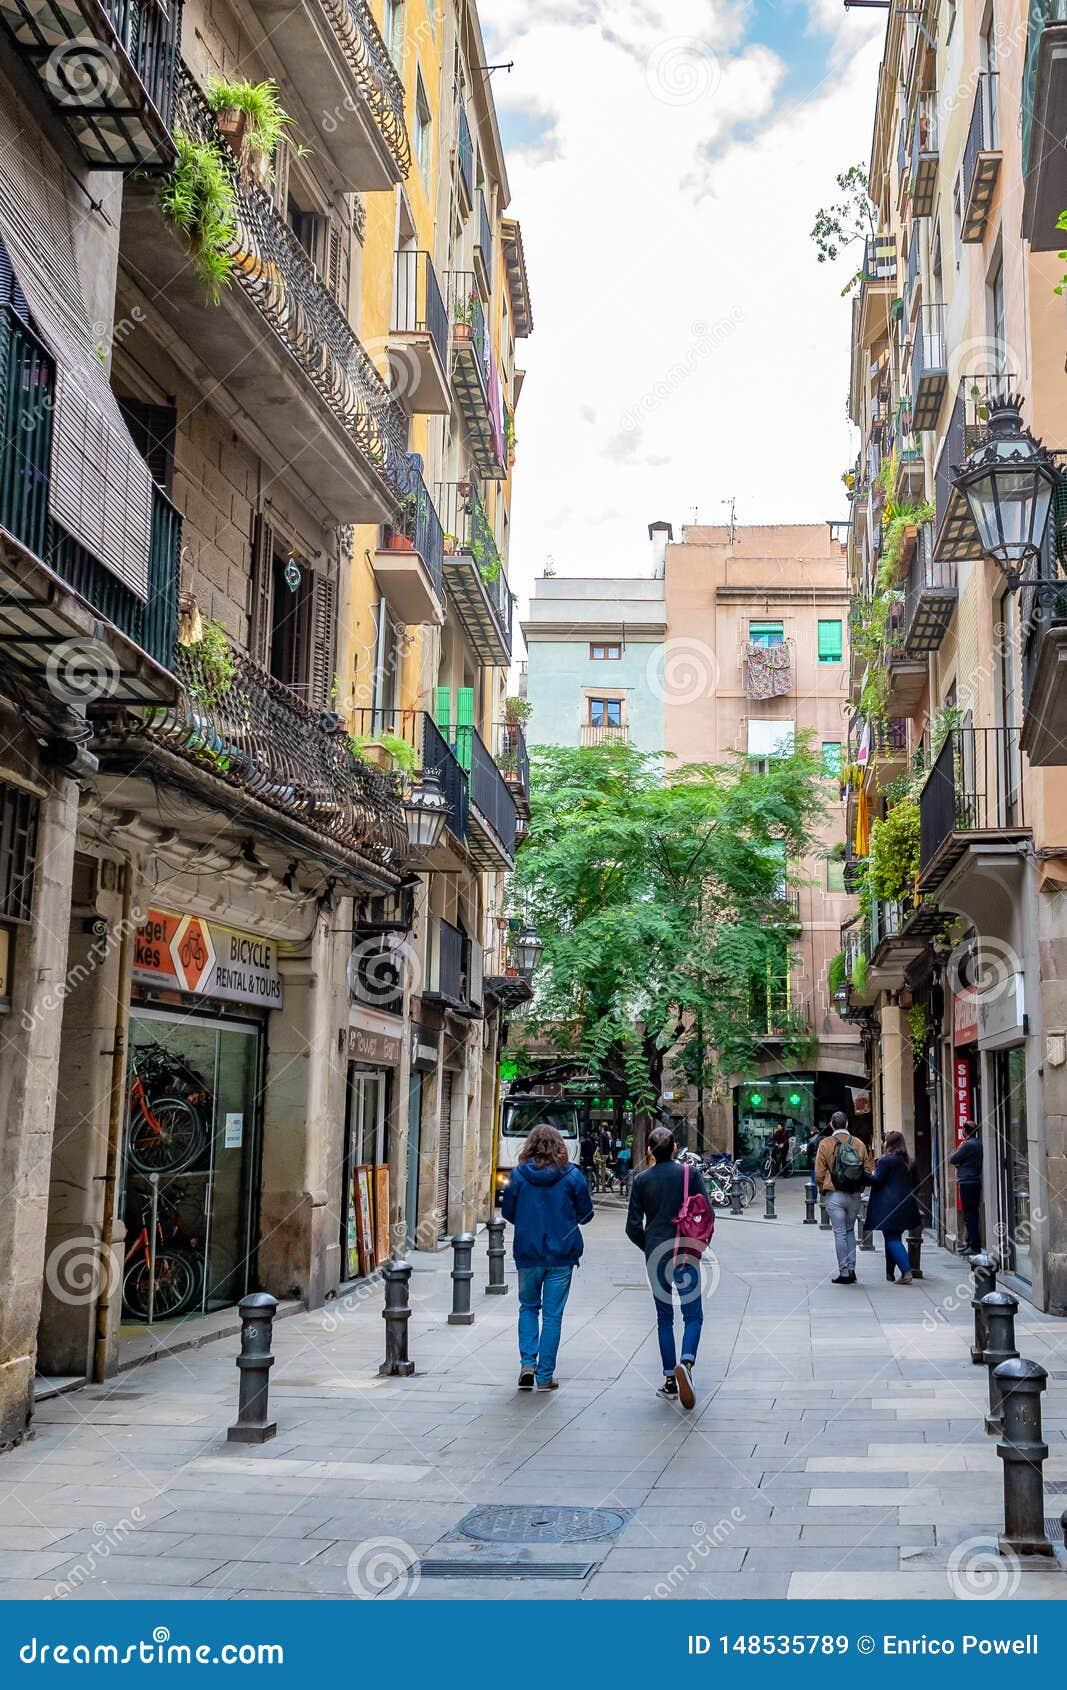 步行沿着向下狭窄的街道的人们在商店/商店之间在巴塞罗那